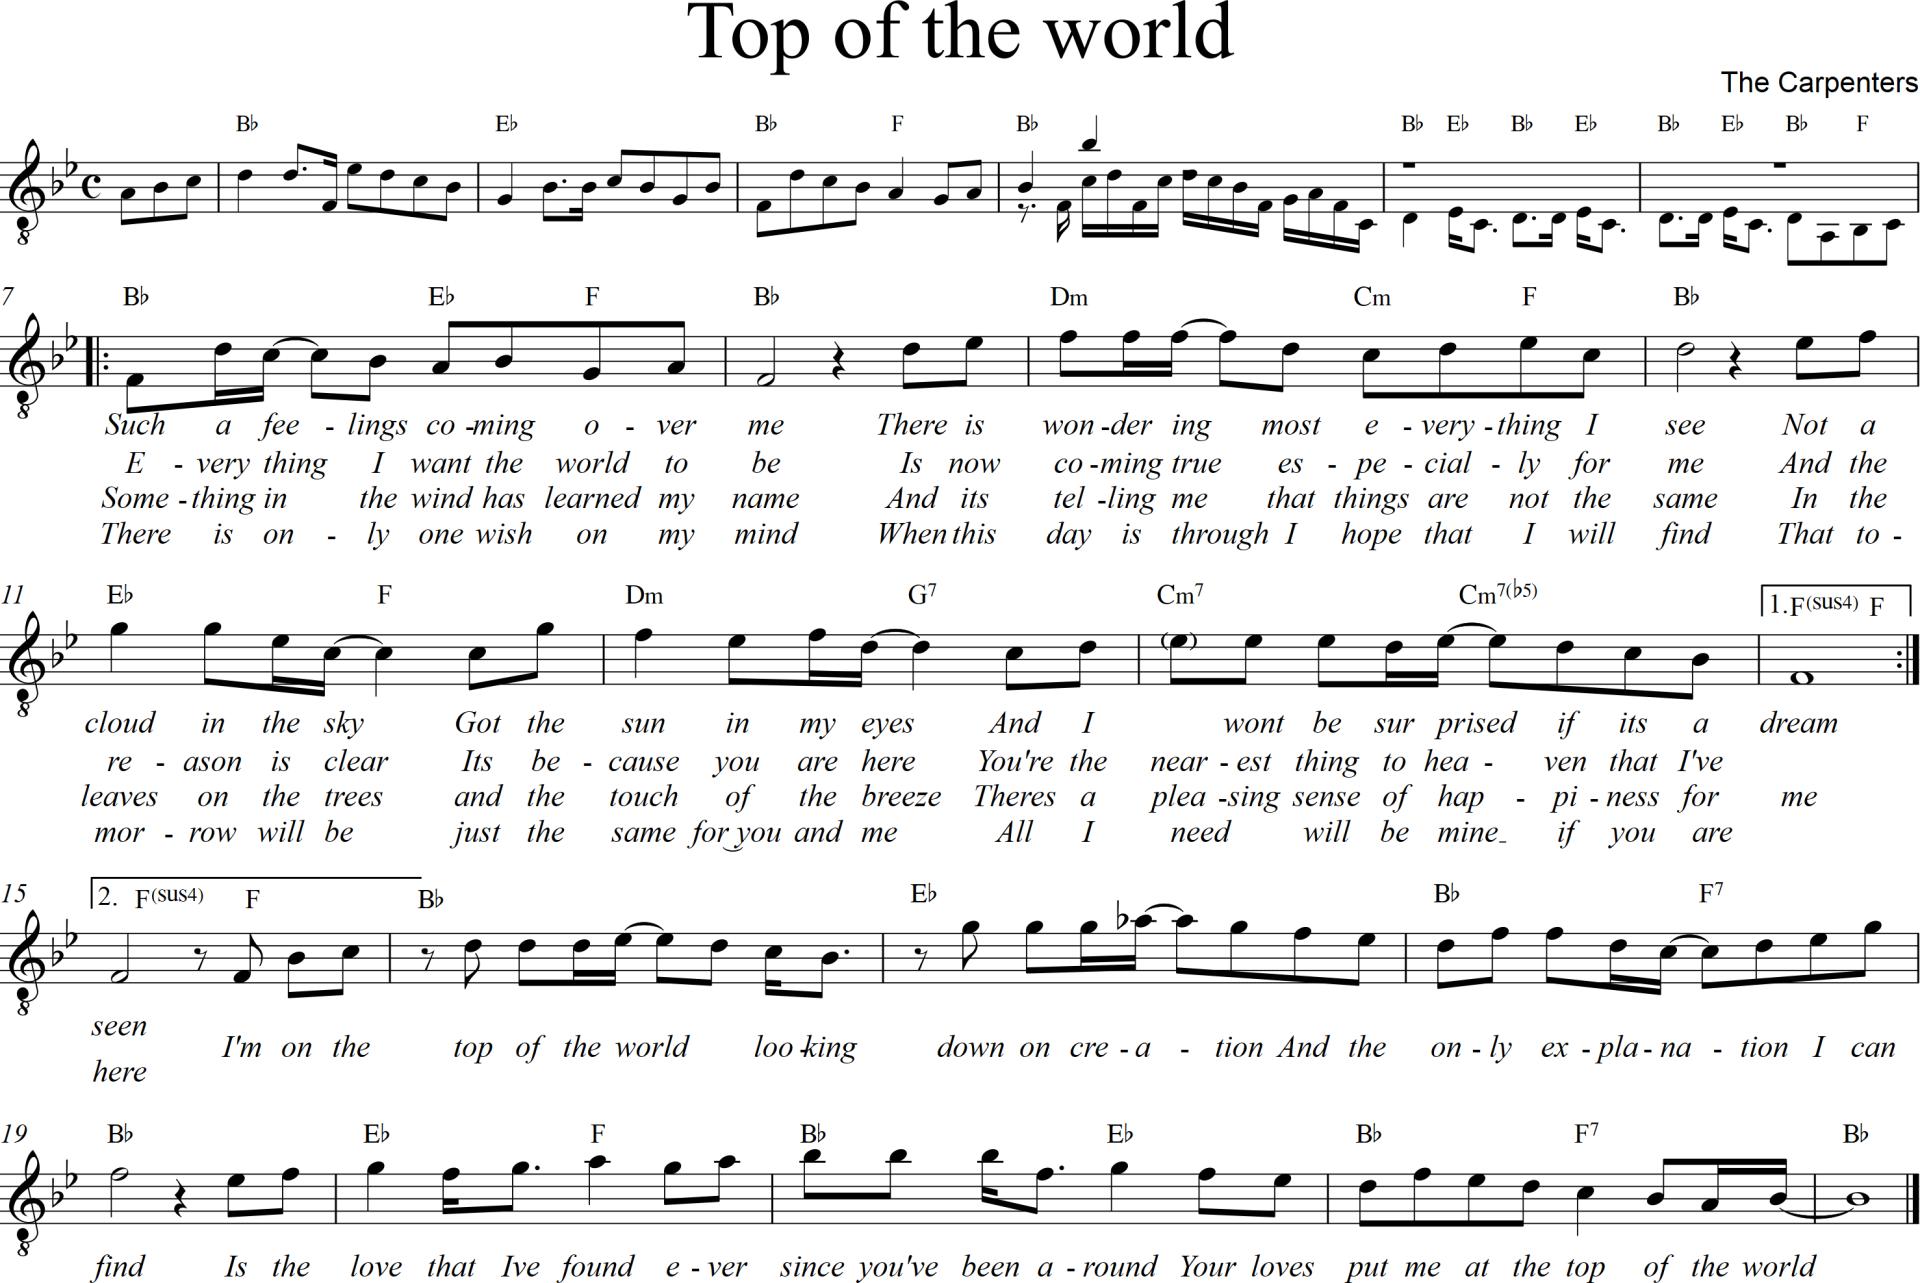 Sheet nhạc bài hát top of the world